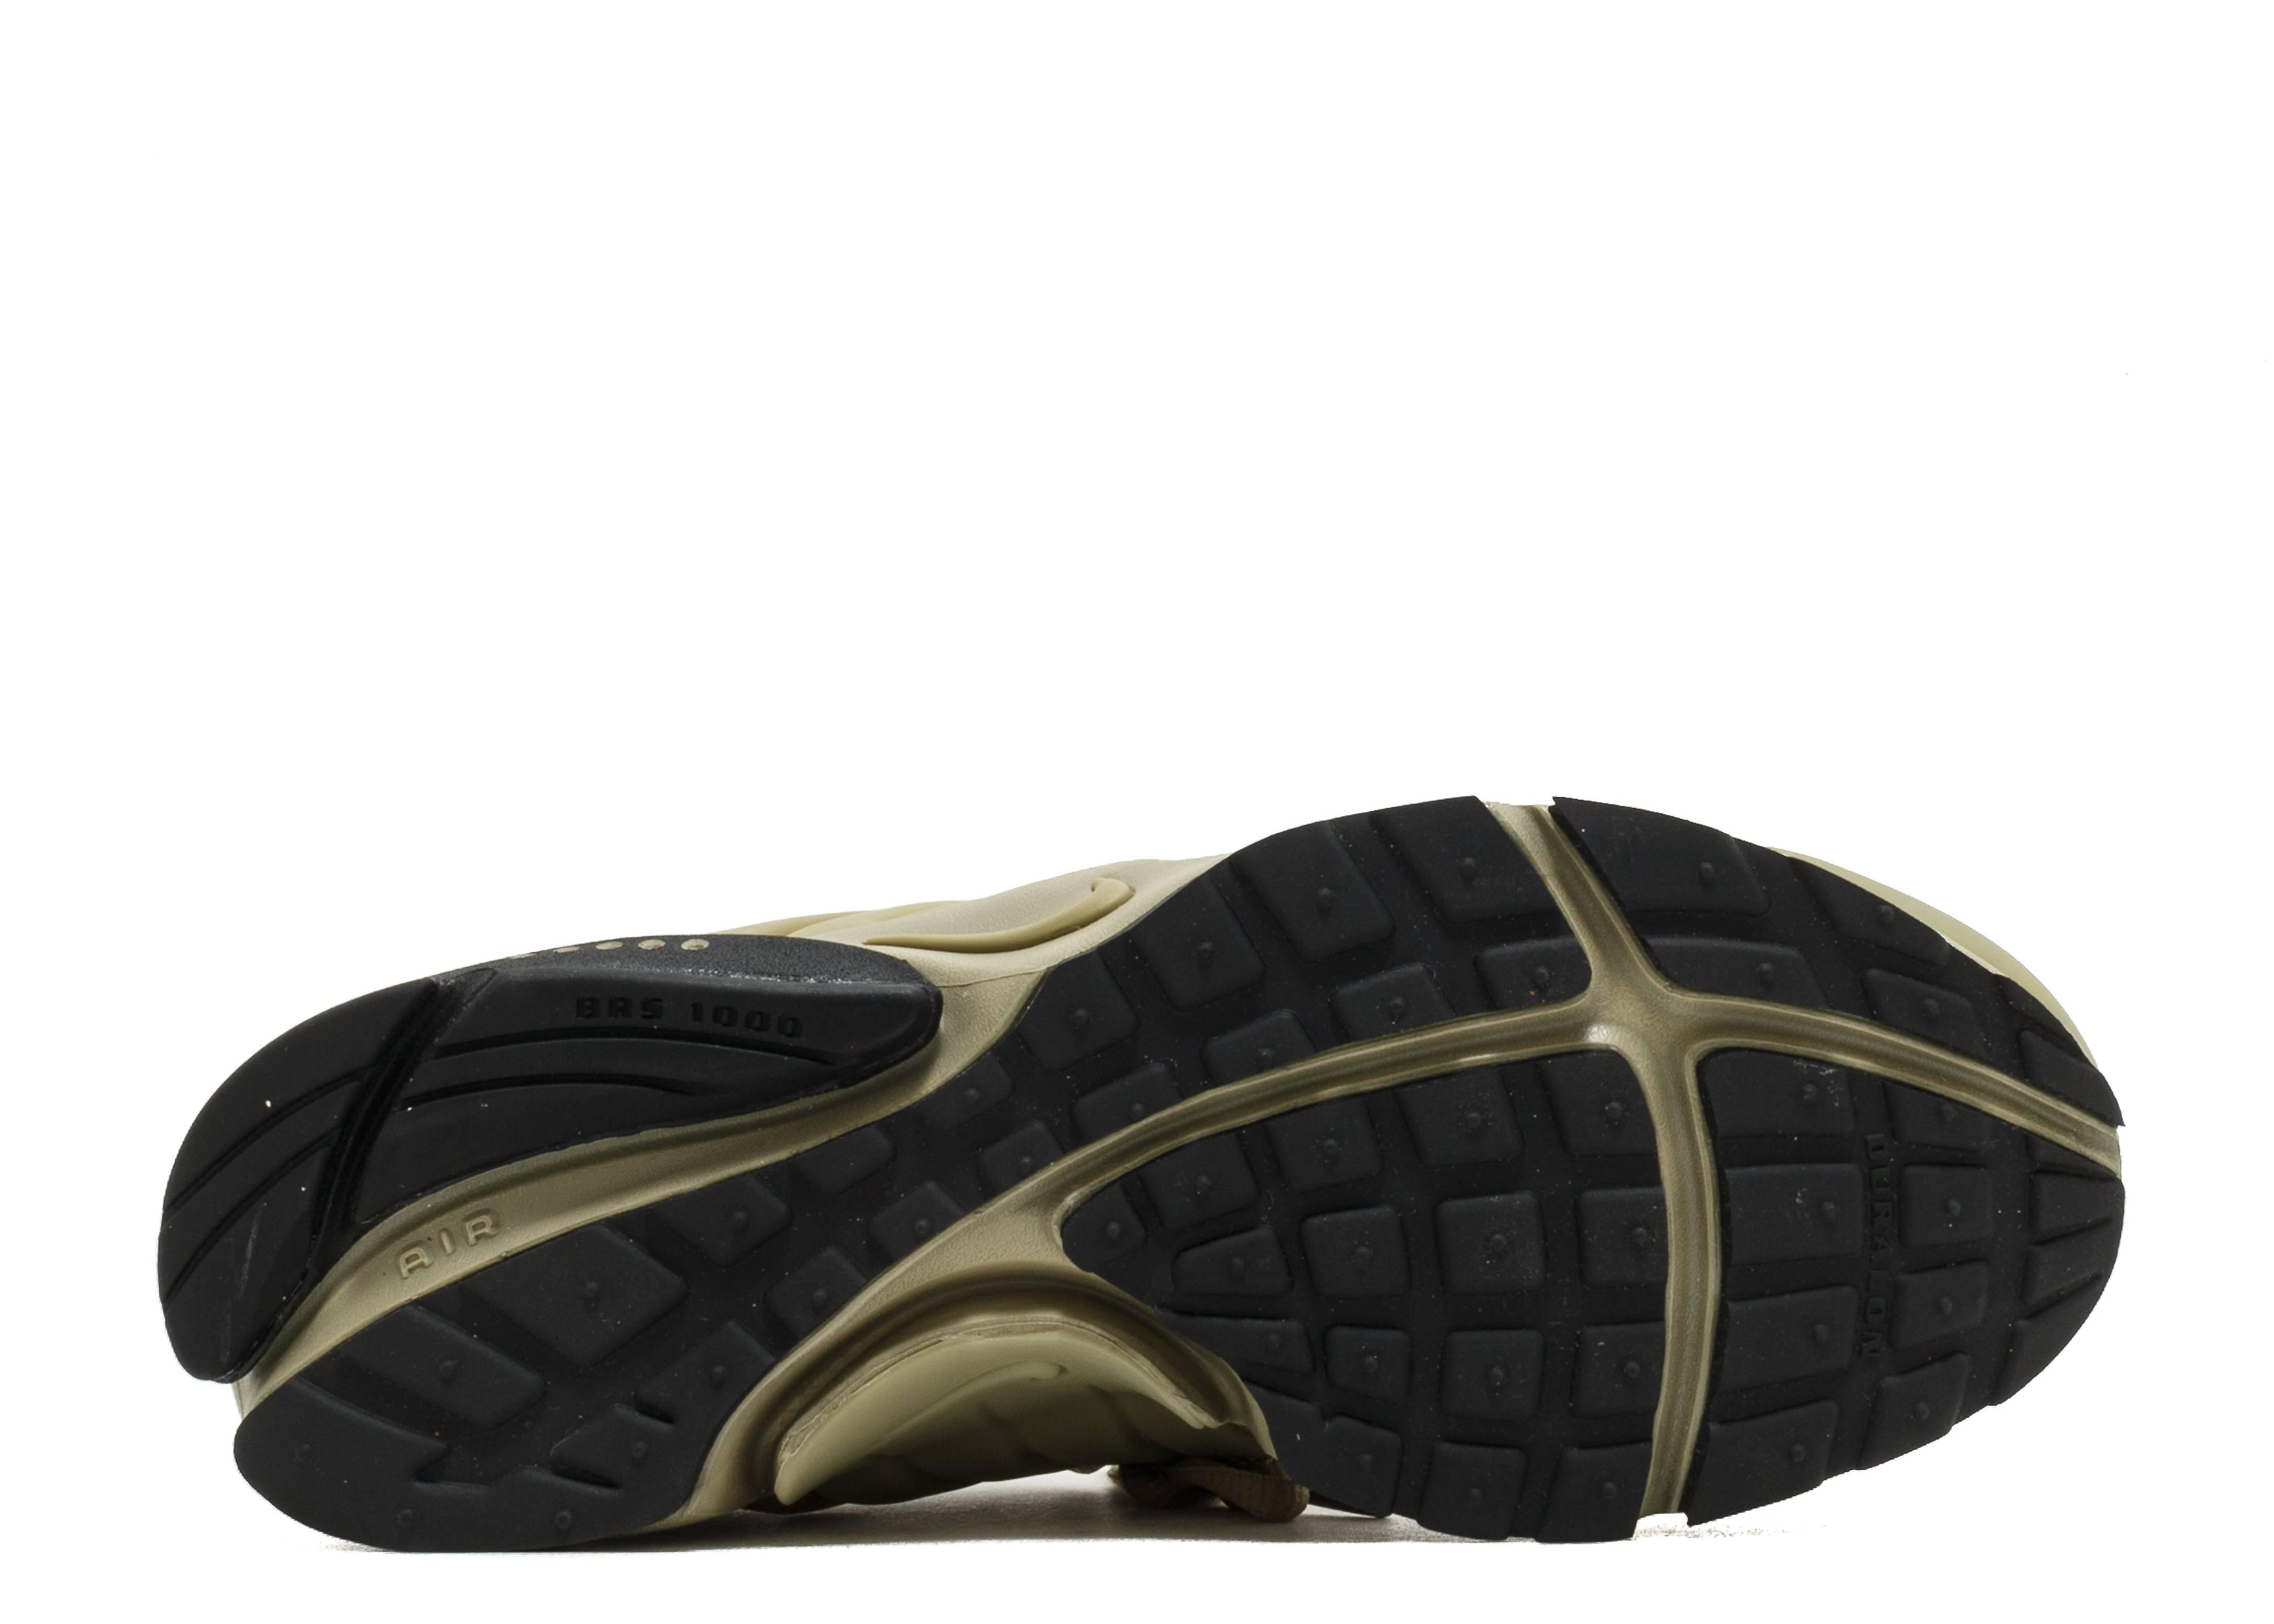 size 40 1f125 b4f27 Air Presto Se - Nike - 848186 200 - neutral olive neutral olive   Flight  Club